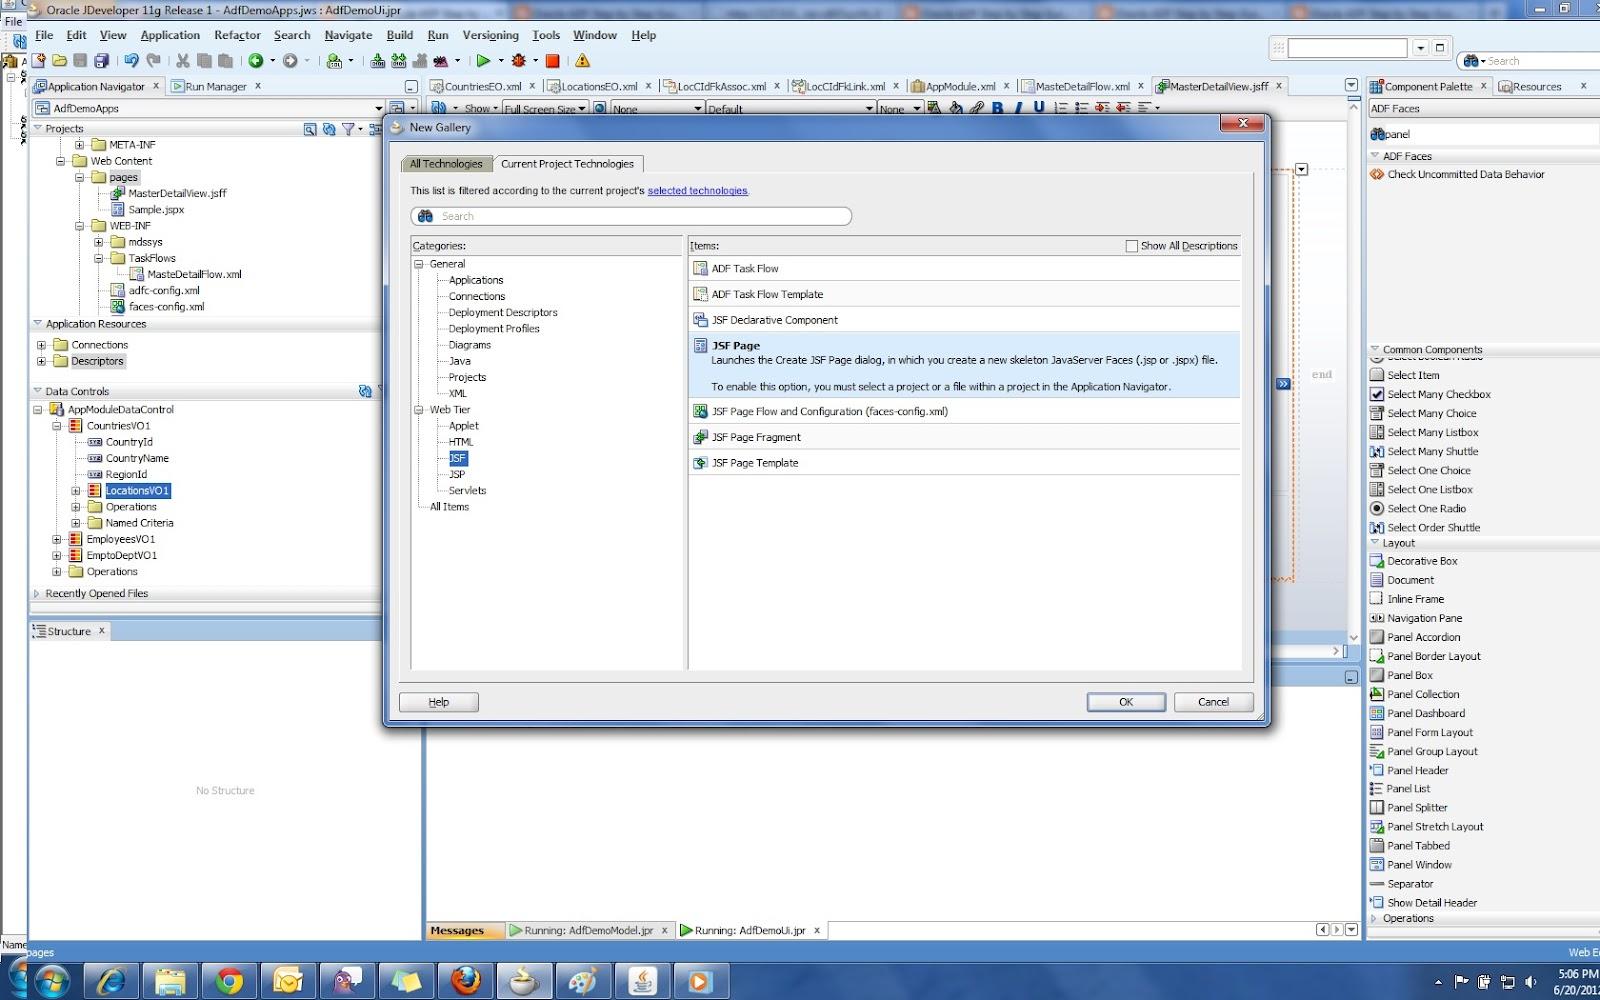 Oracle ADF Step by Step Guide - Oracle ADF Tutorial: June 2012